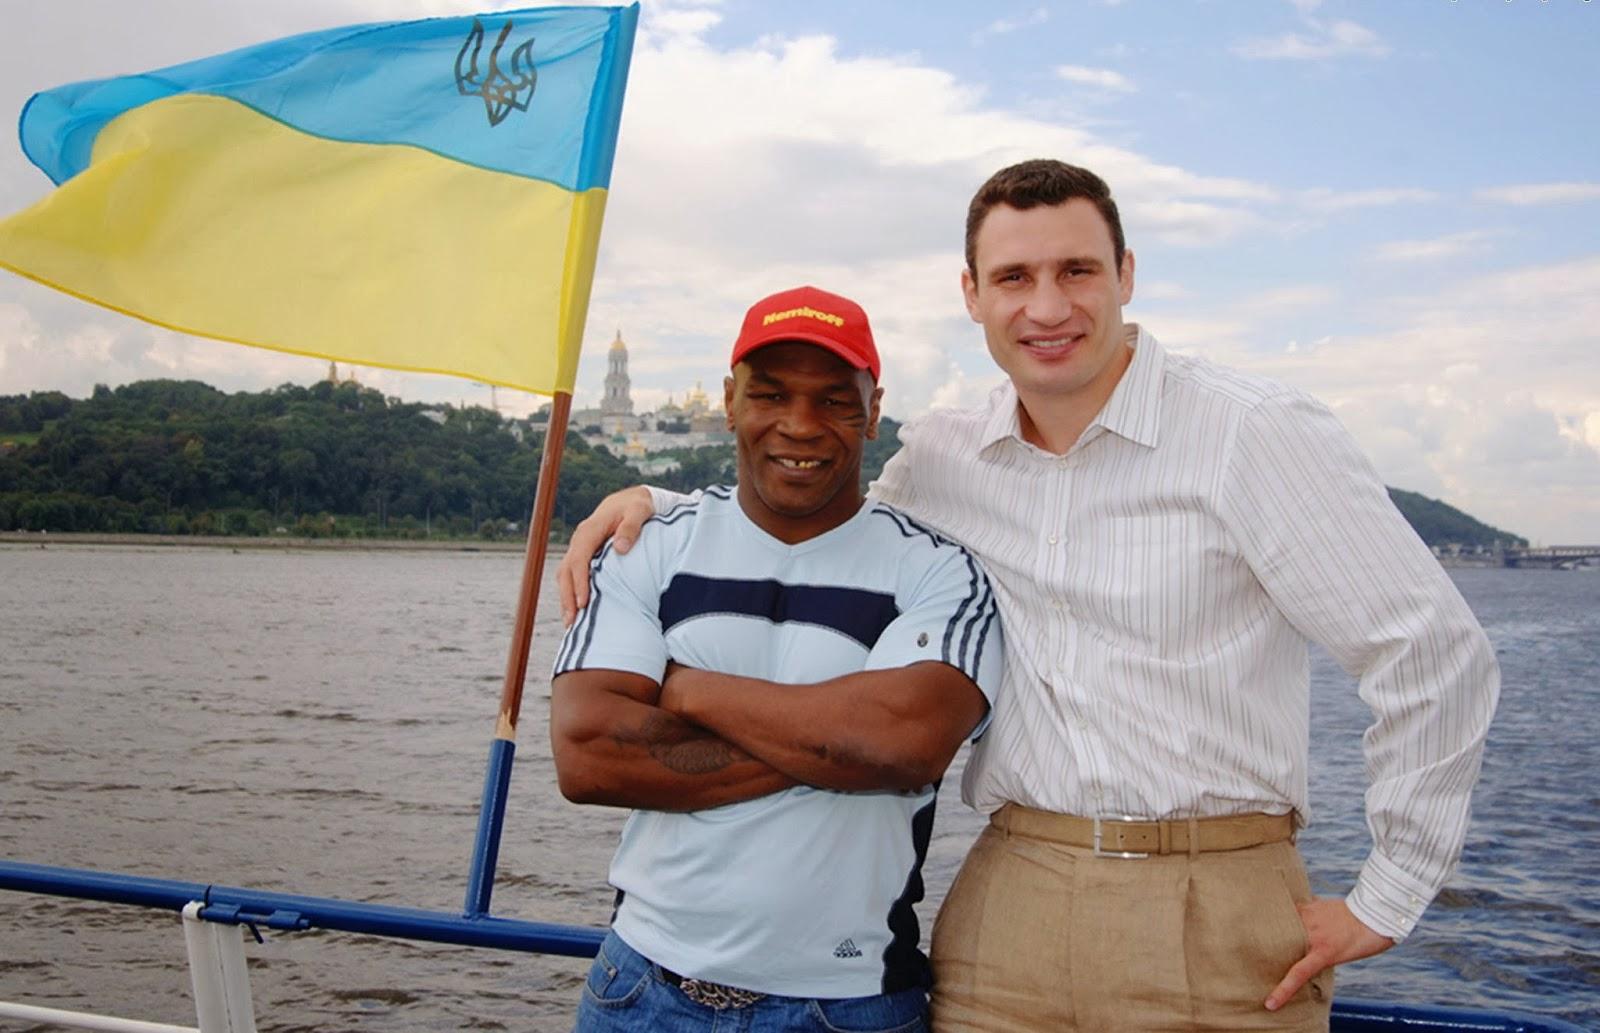 Mike-Tyson-boxers-Klitschko-Ukrainian-_450873-58